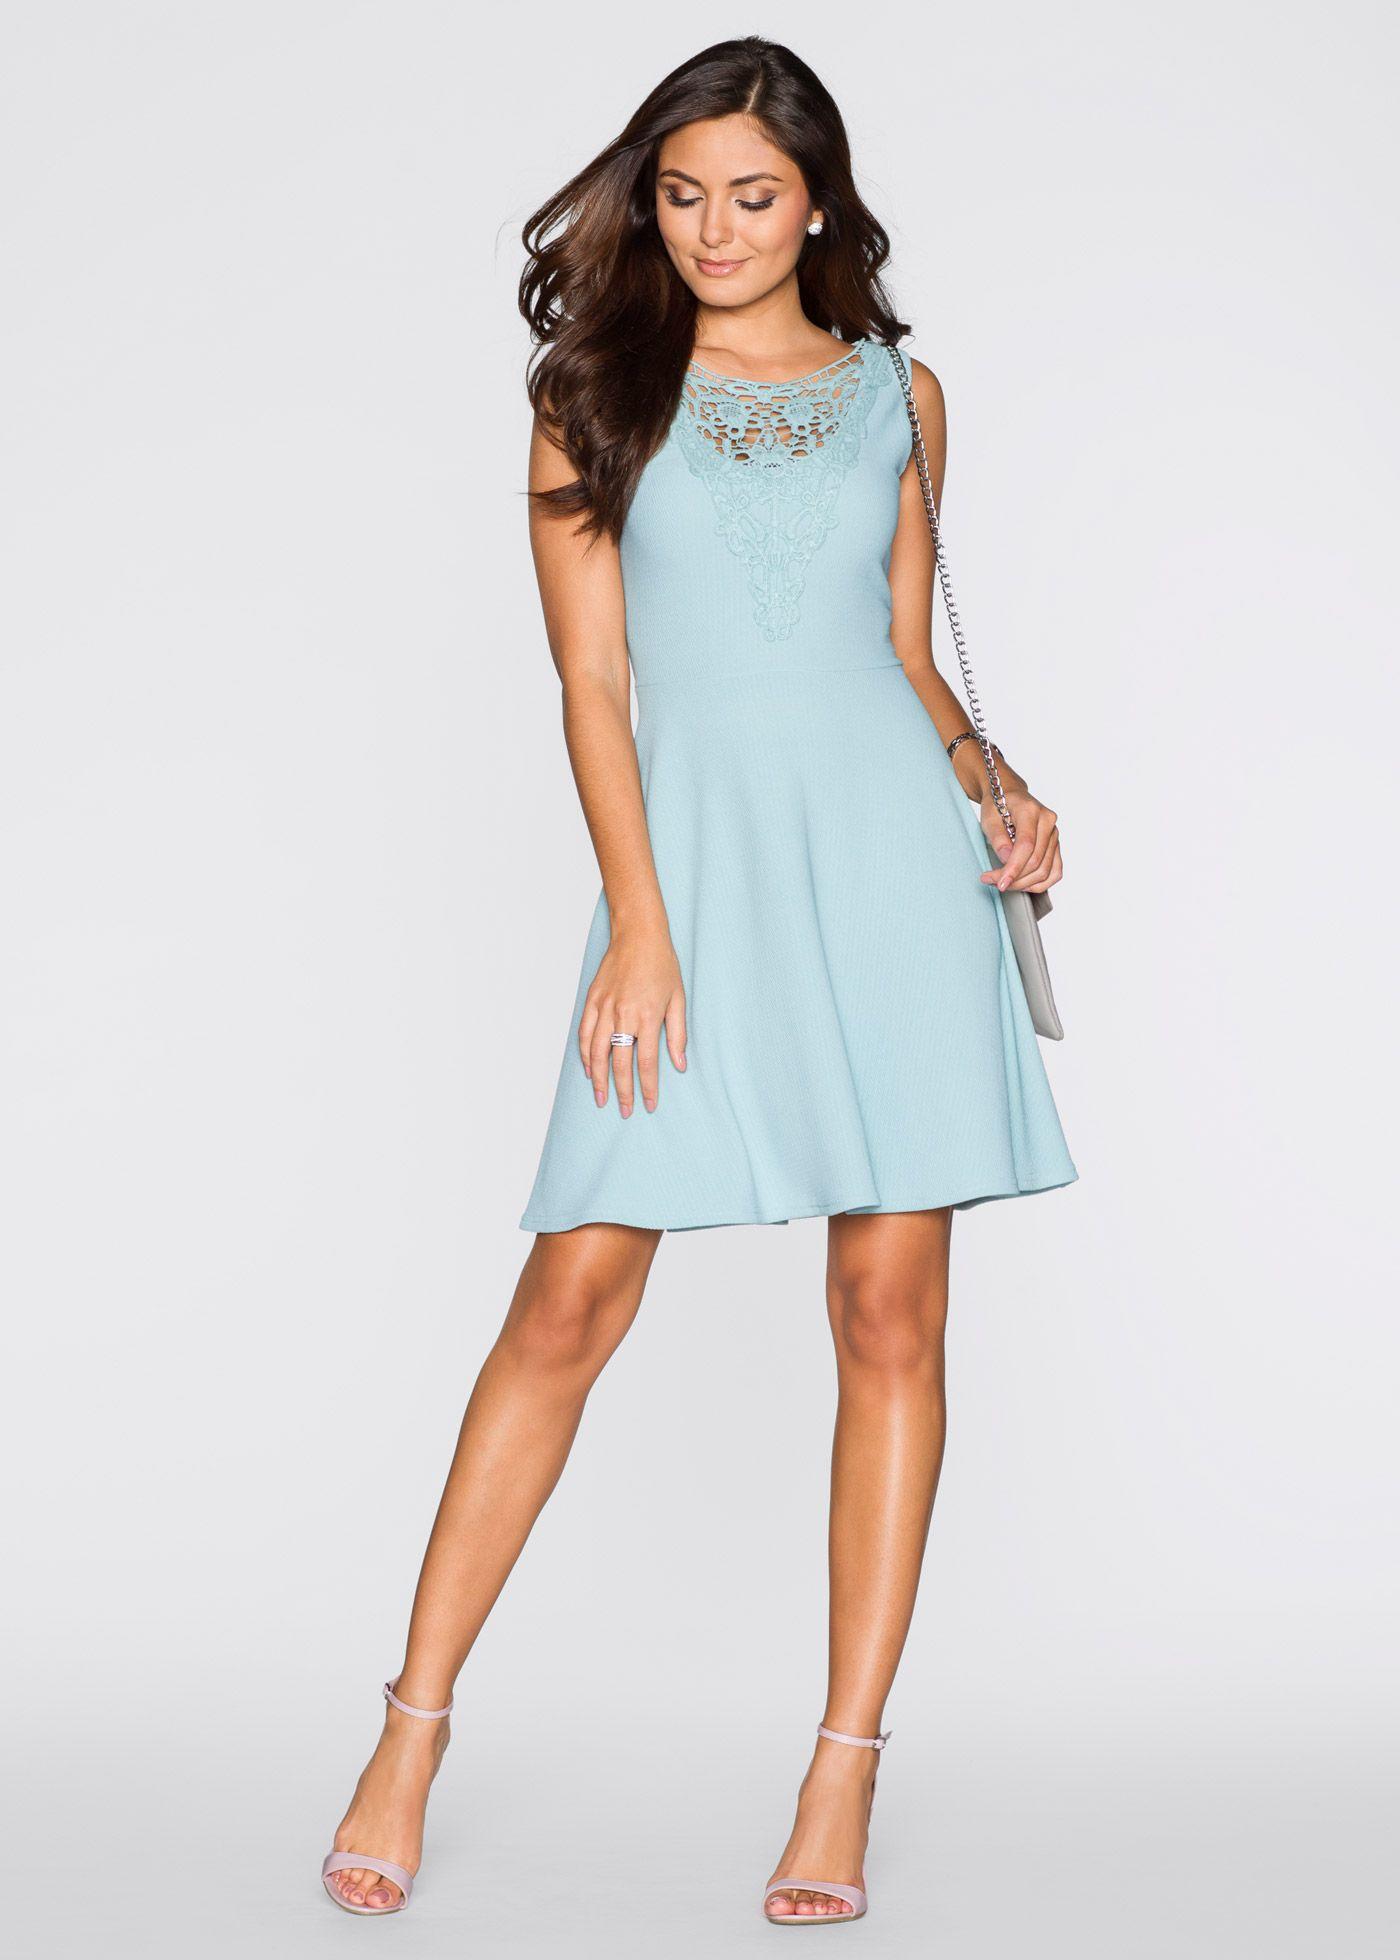 Kleid mit Spitze aquapastell - BODYFLIRT jetzt im Online Shop von ...